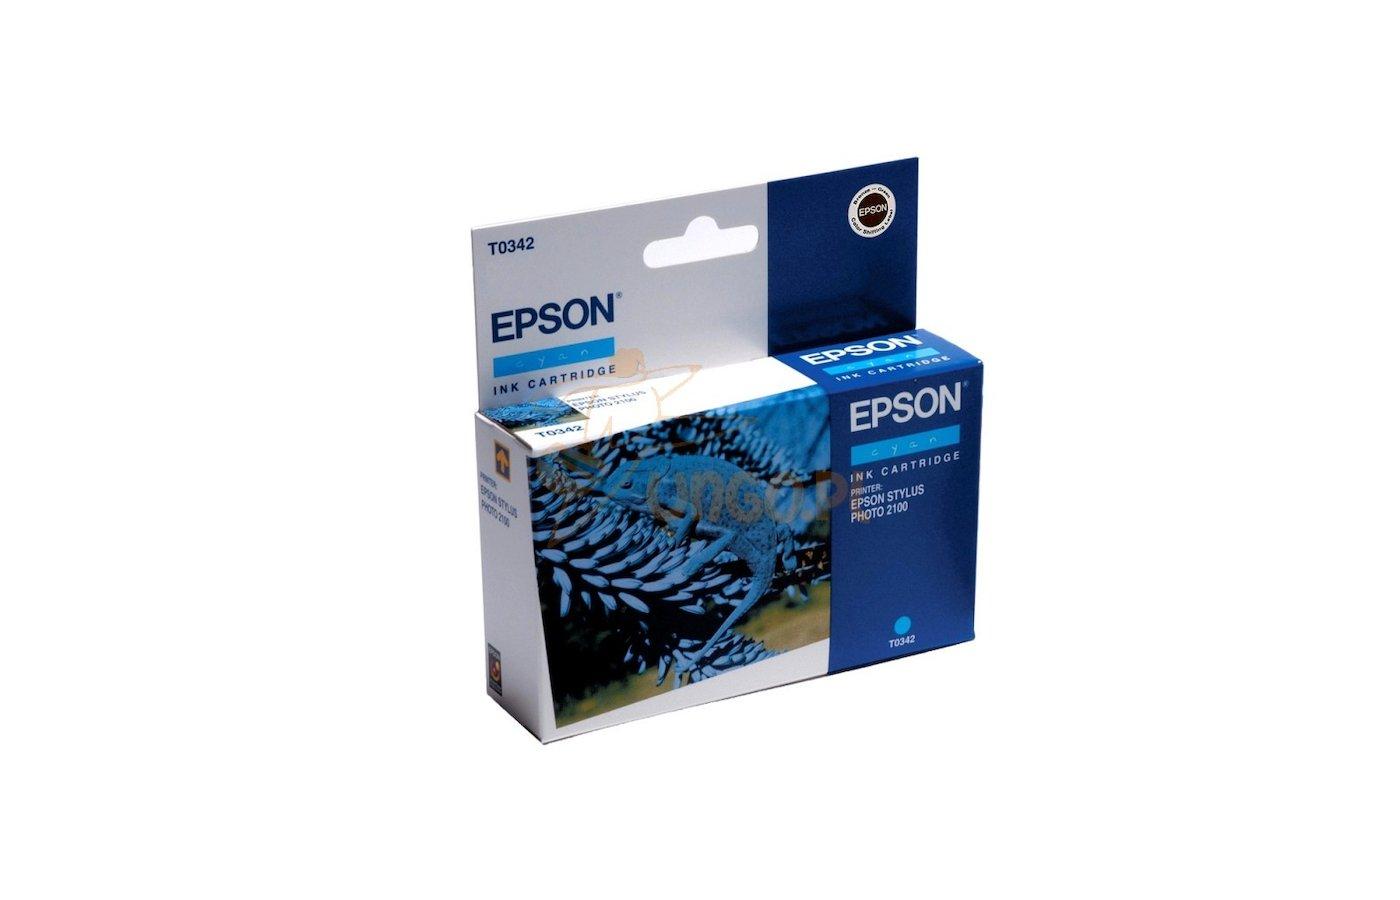 Картридж струйный Epson C13T03424010 картридж Cyan для Stylus Photo 2100 (голубой)